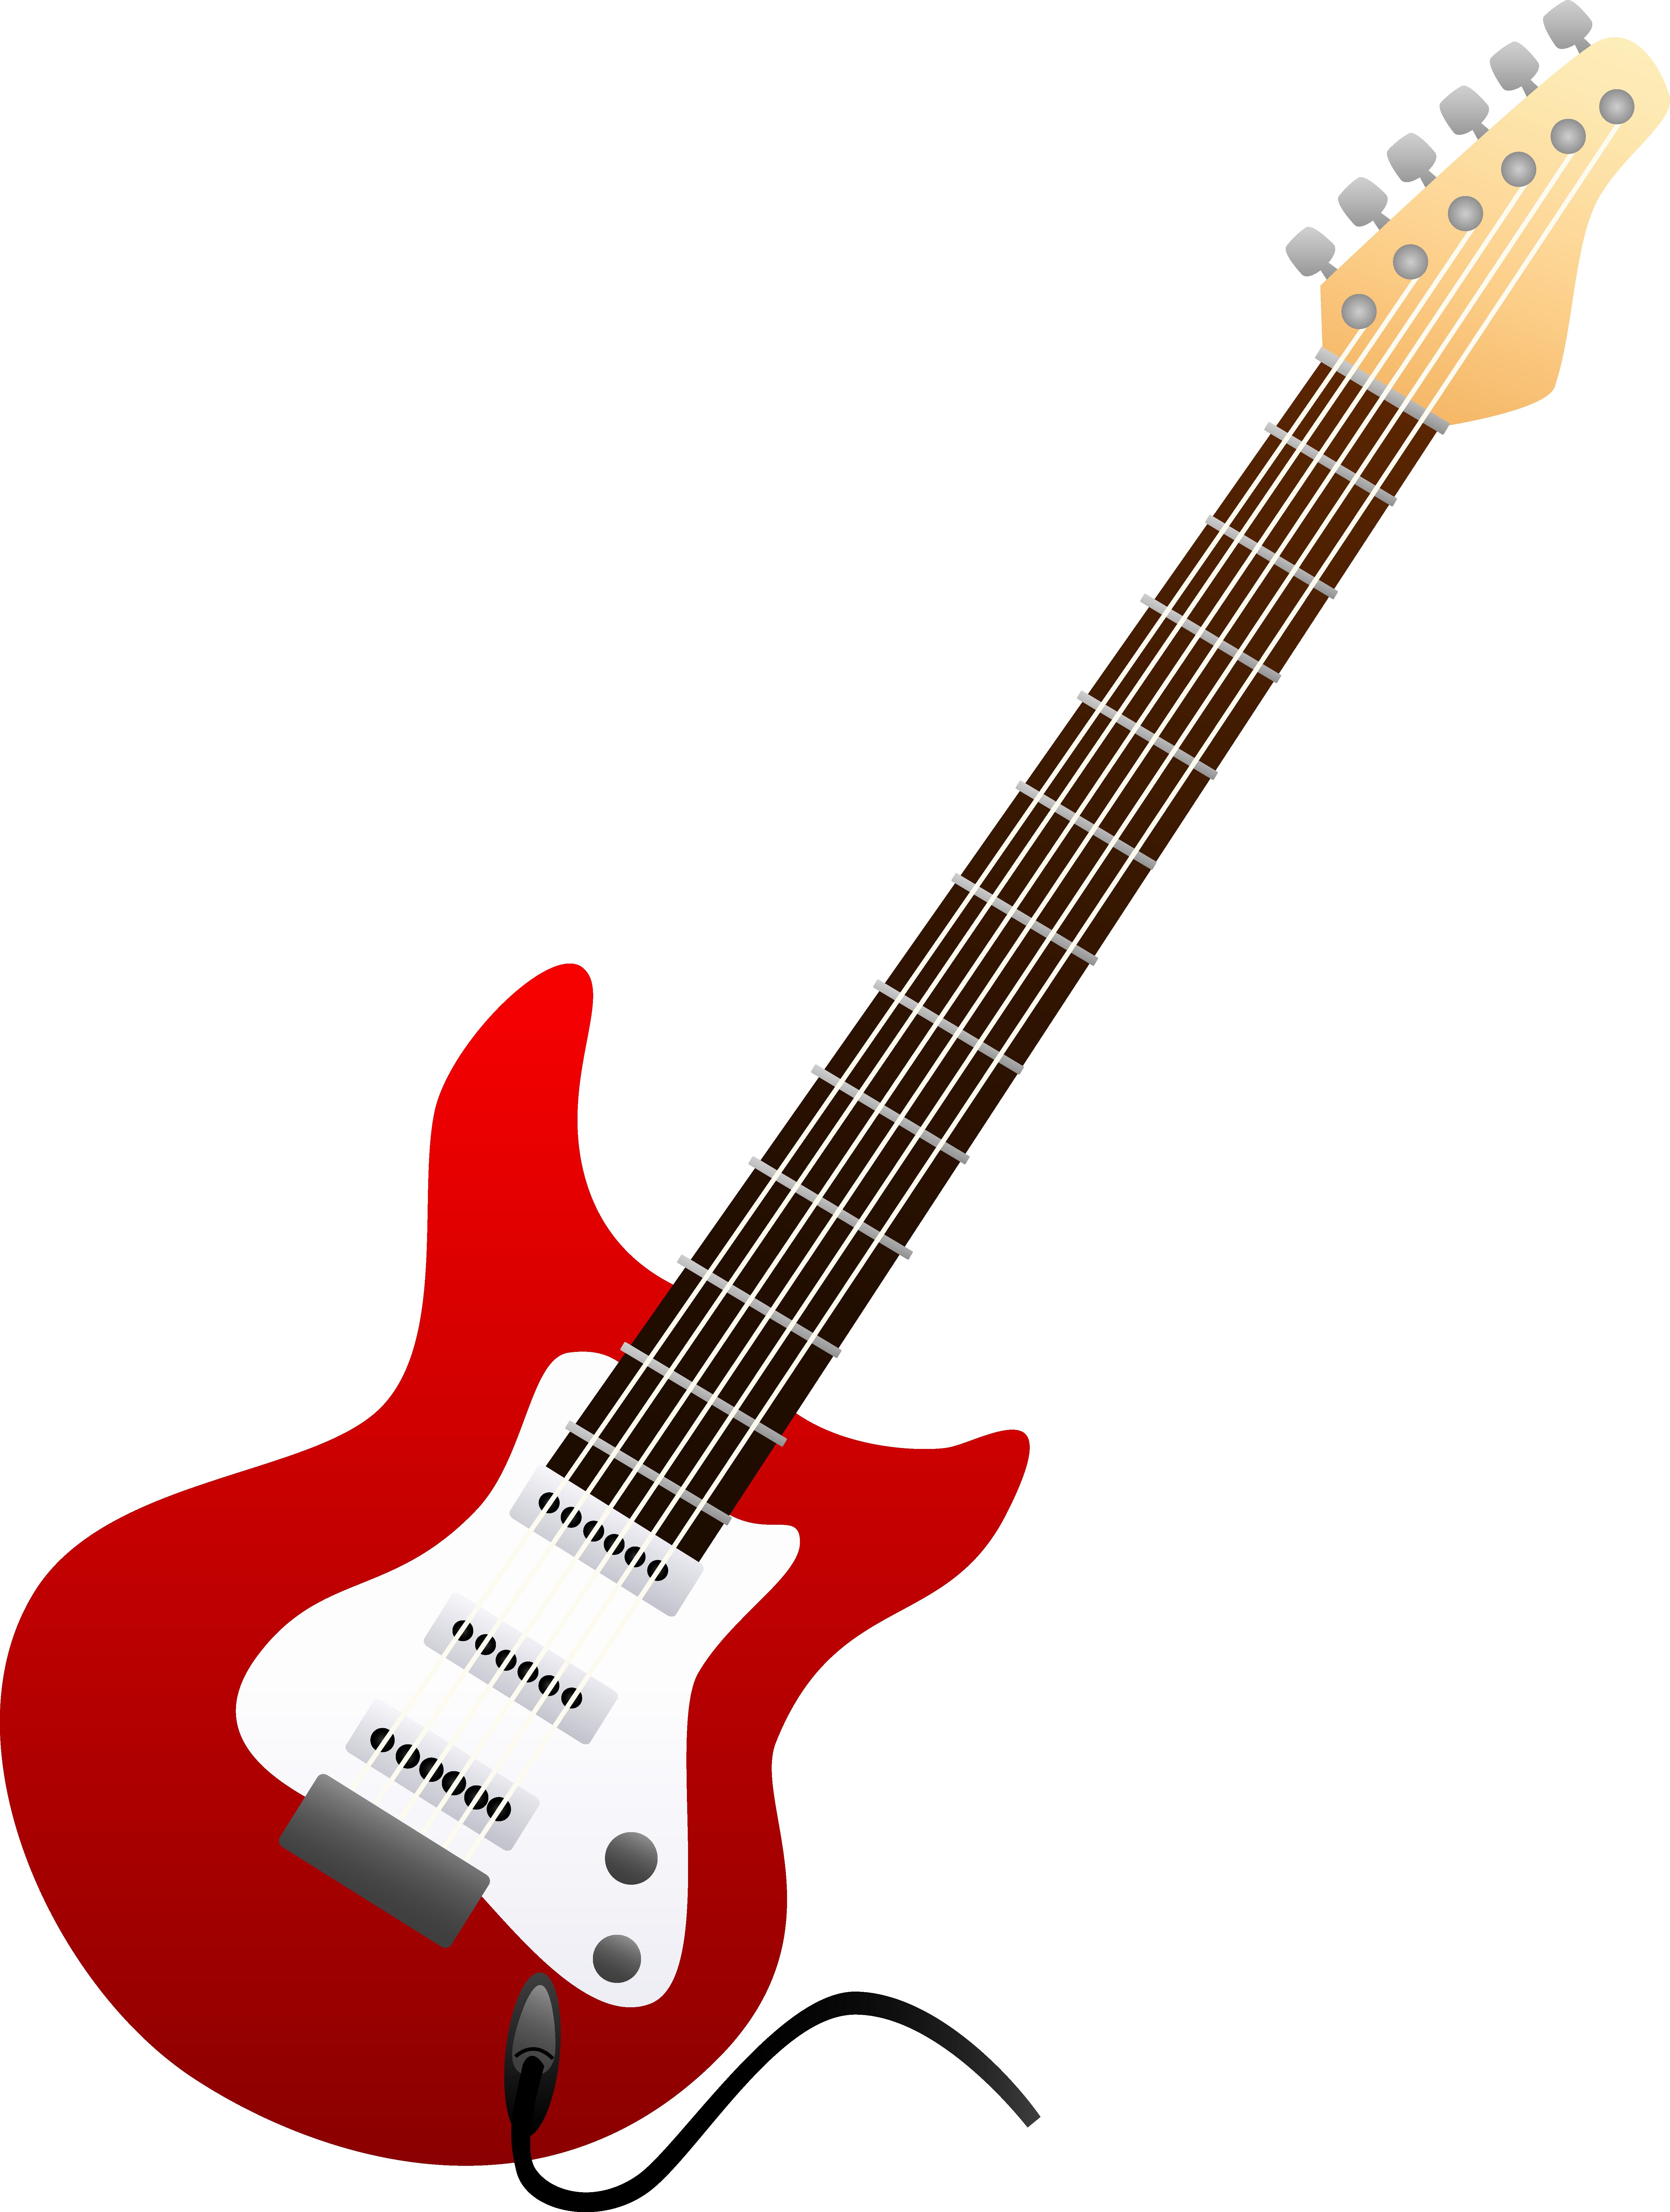 Guitarpictures desktop backgrounds pictures. Clipart guitar photograph